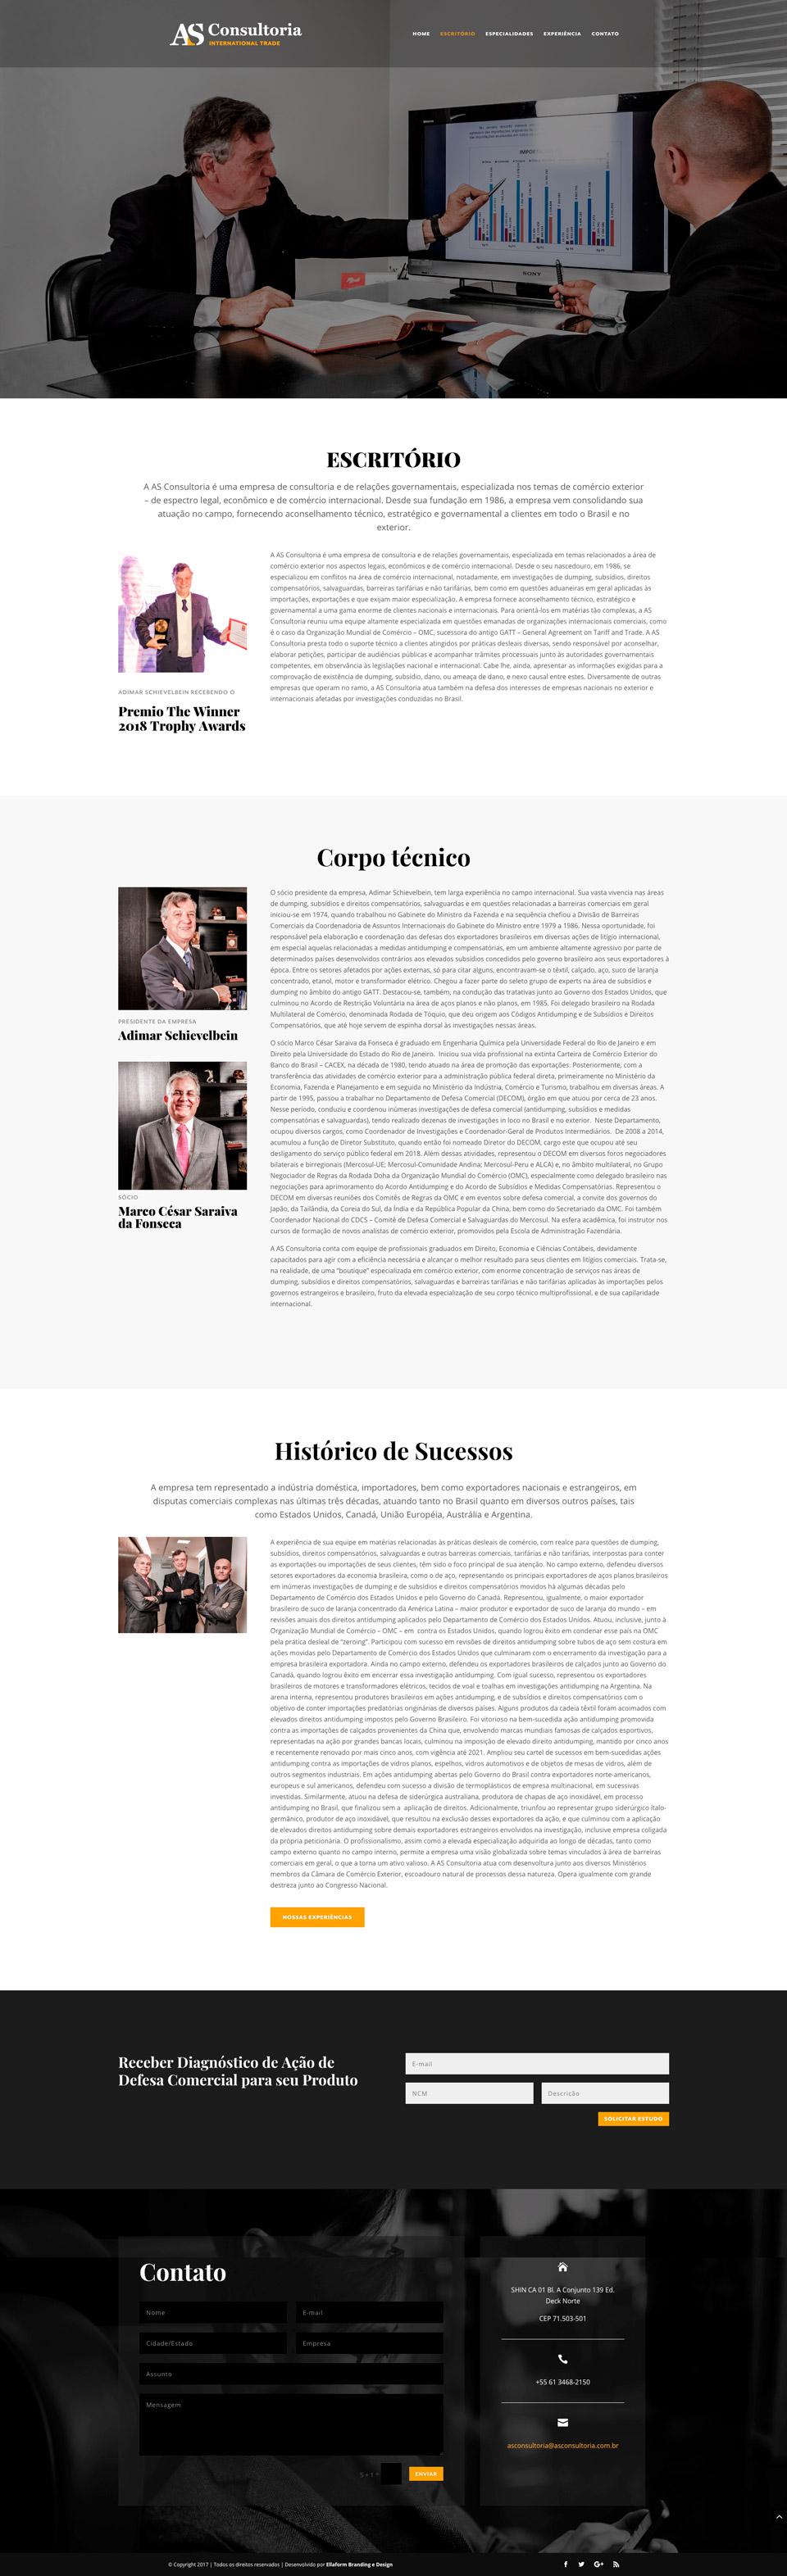 page-asconsultoria-09